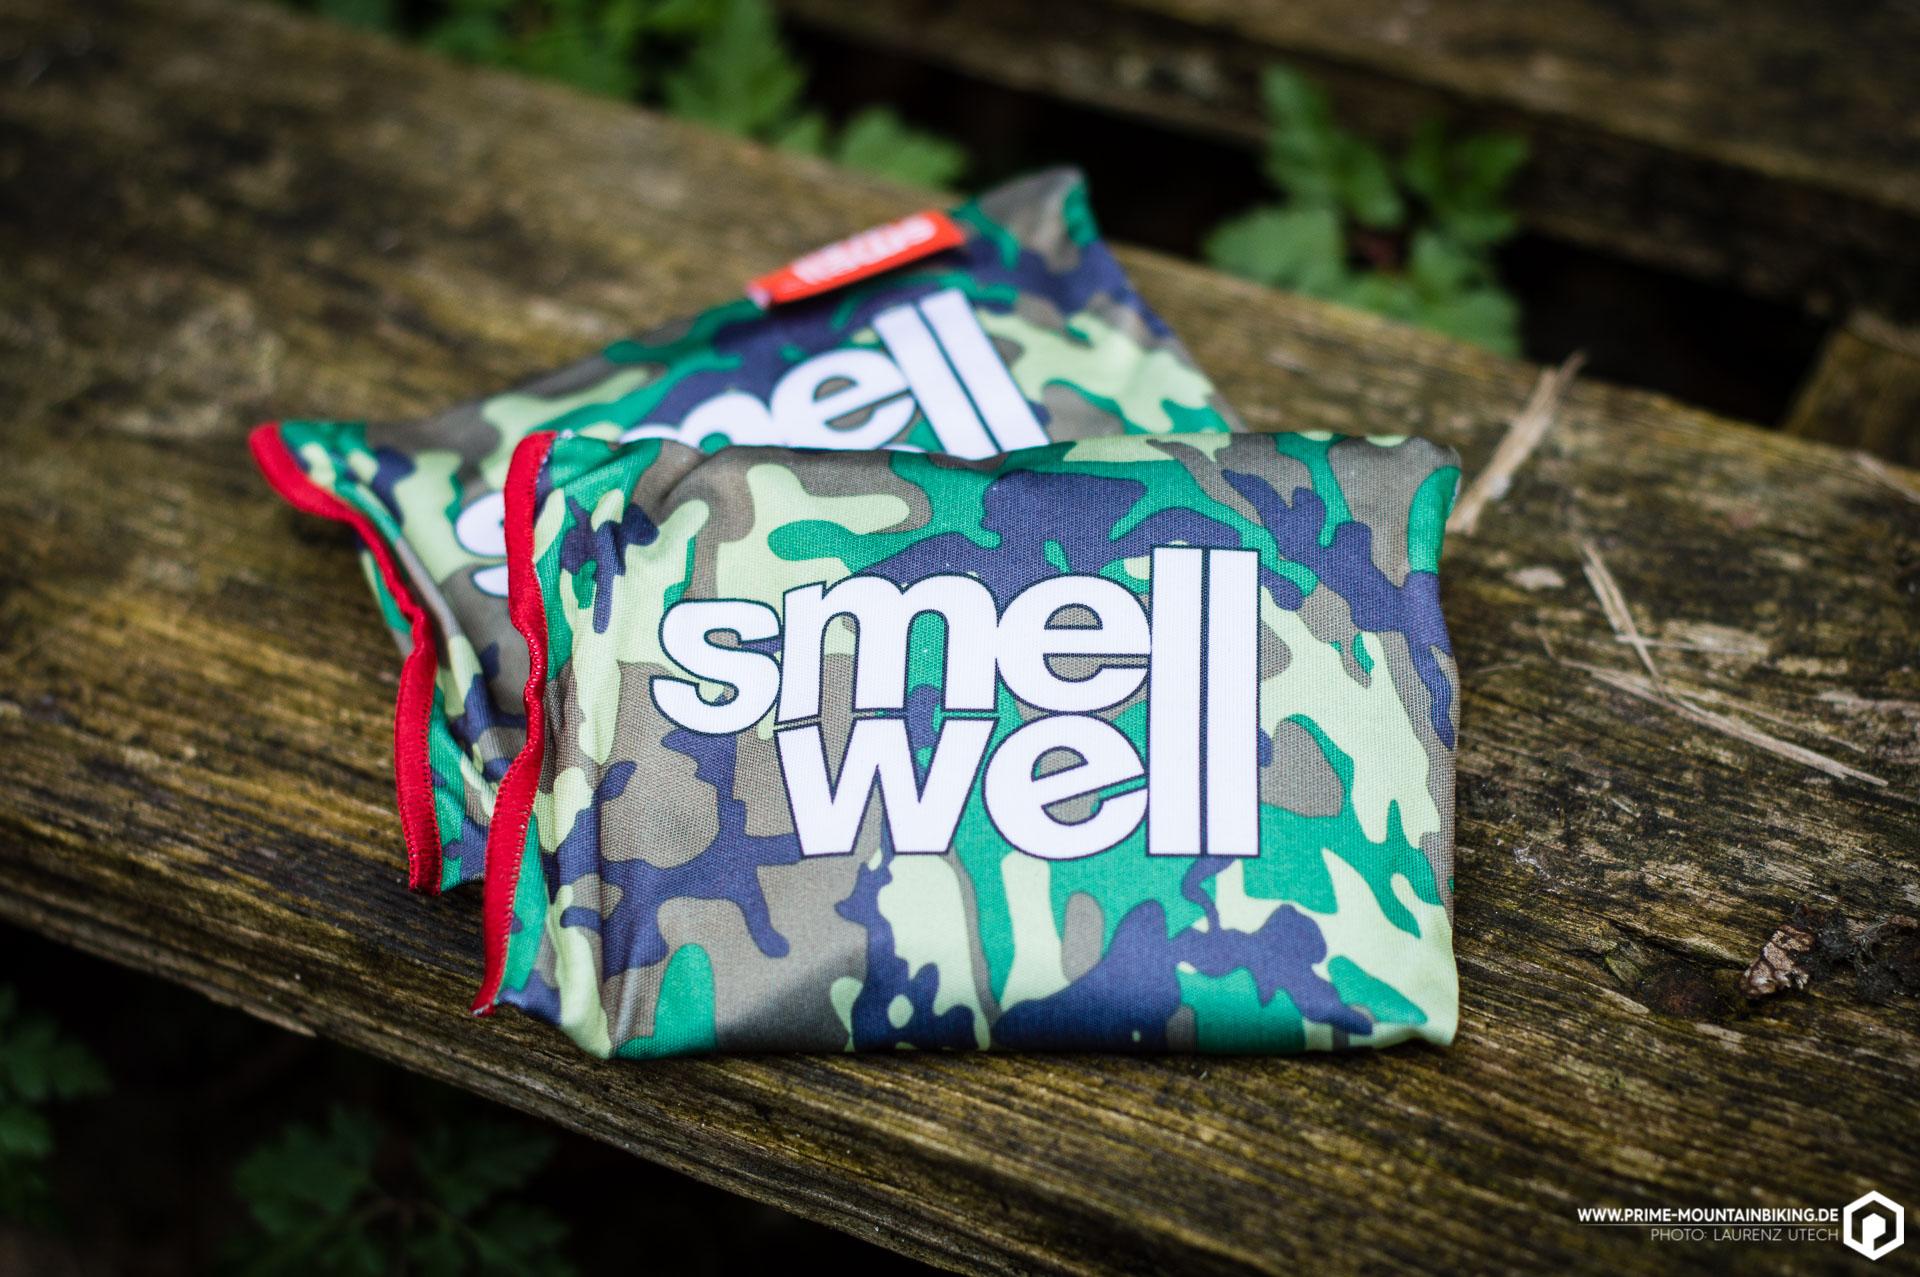 Die SmellWell Kissen machen optisch schon mal was her. Völlig egal, denn viel wichtiger ist, dass sie wie versprochen Gestank eliminieren.